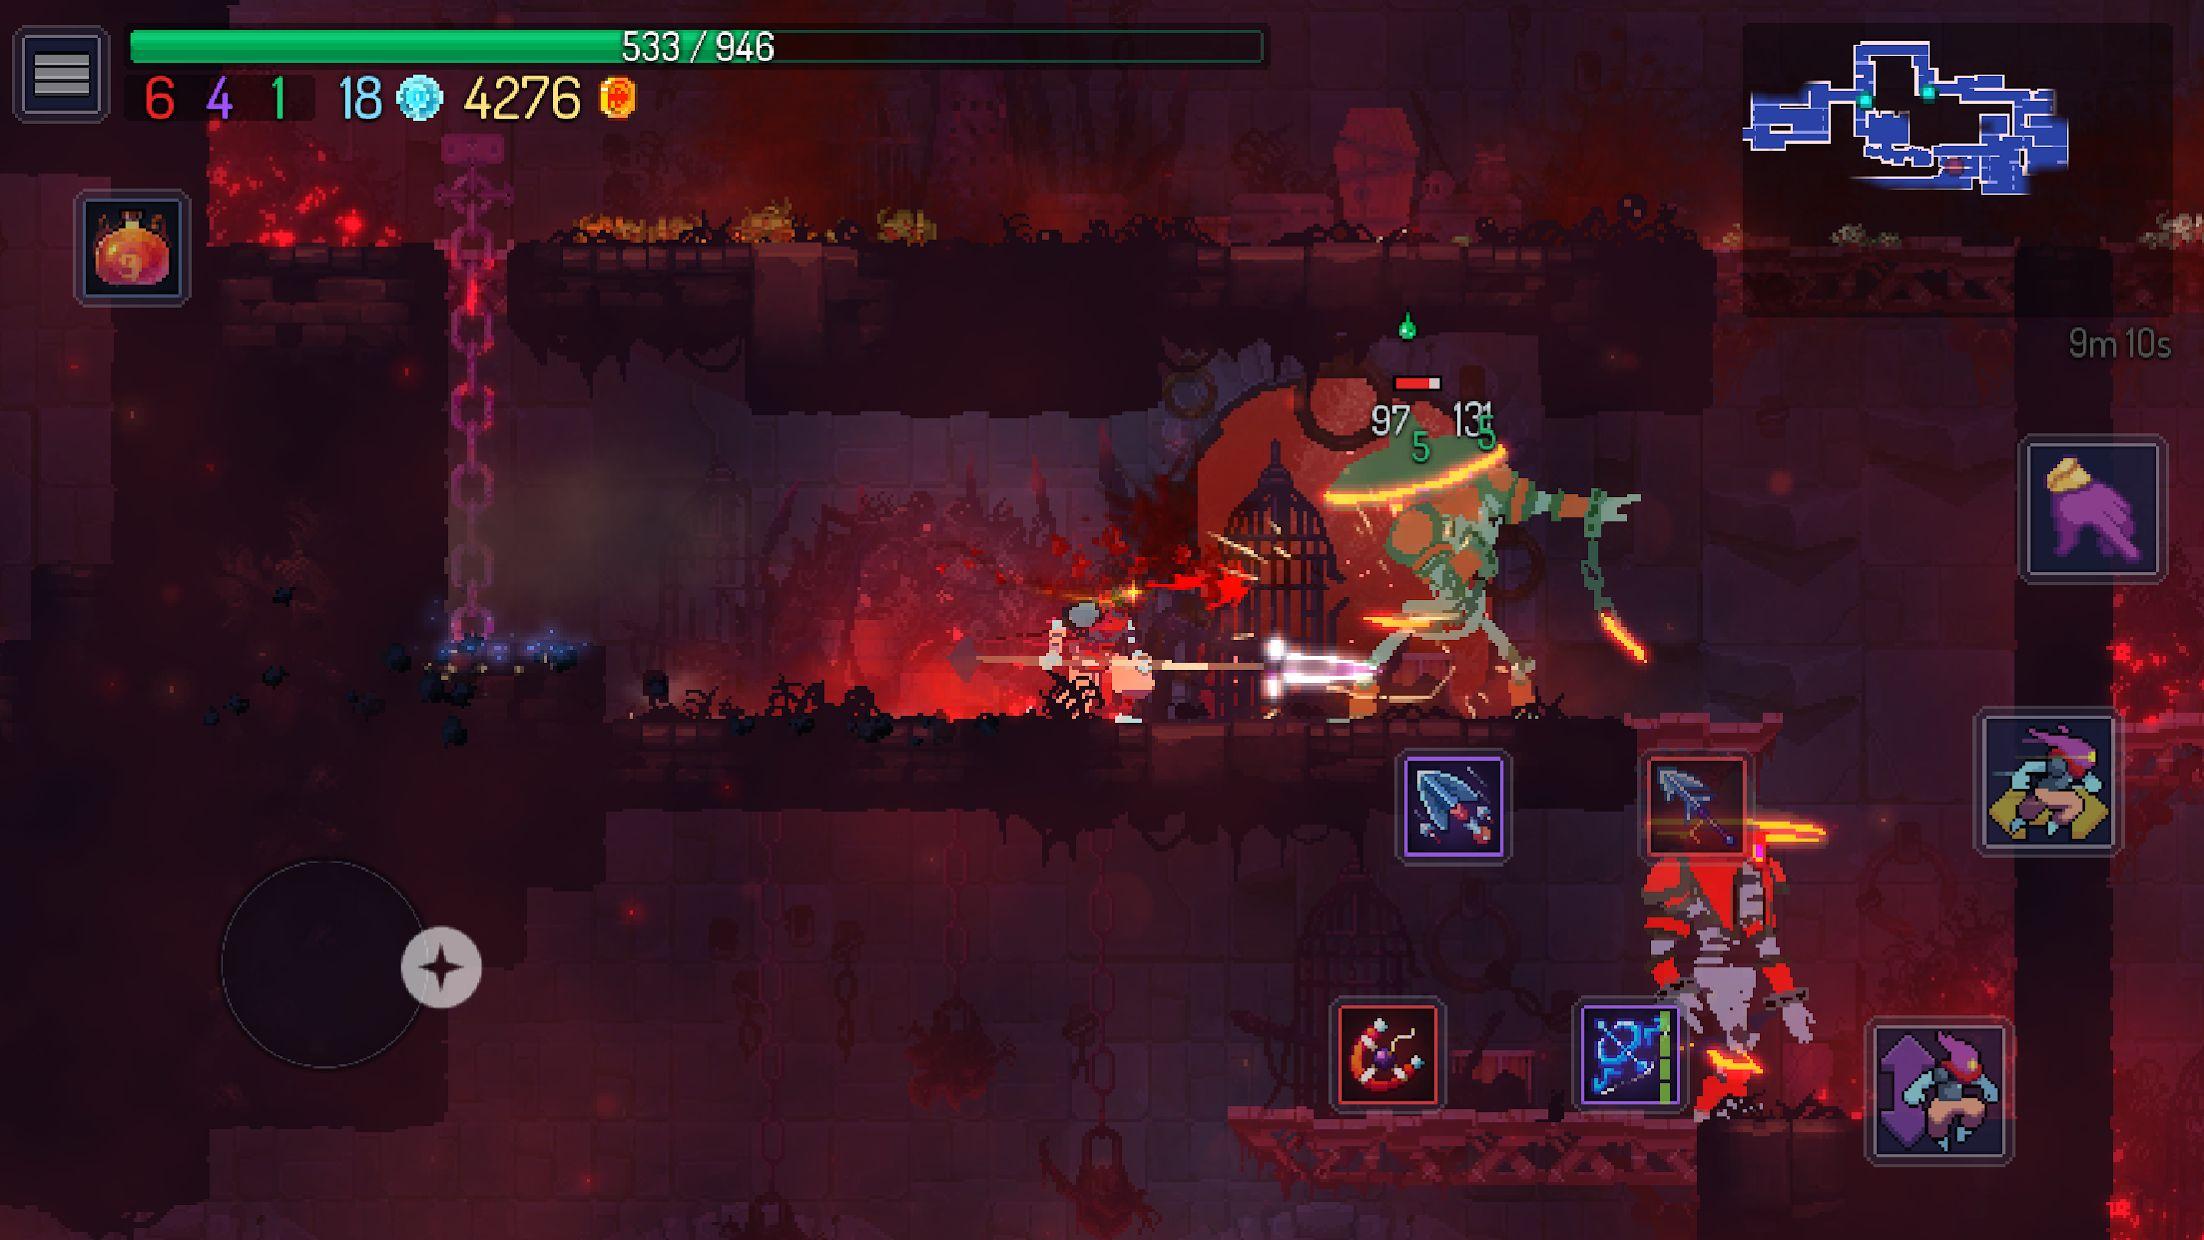 死亡细胞(国际版) 游戏截图1